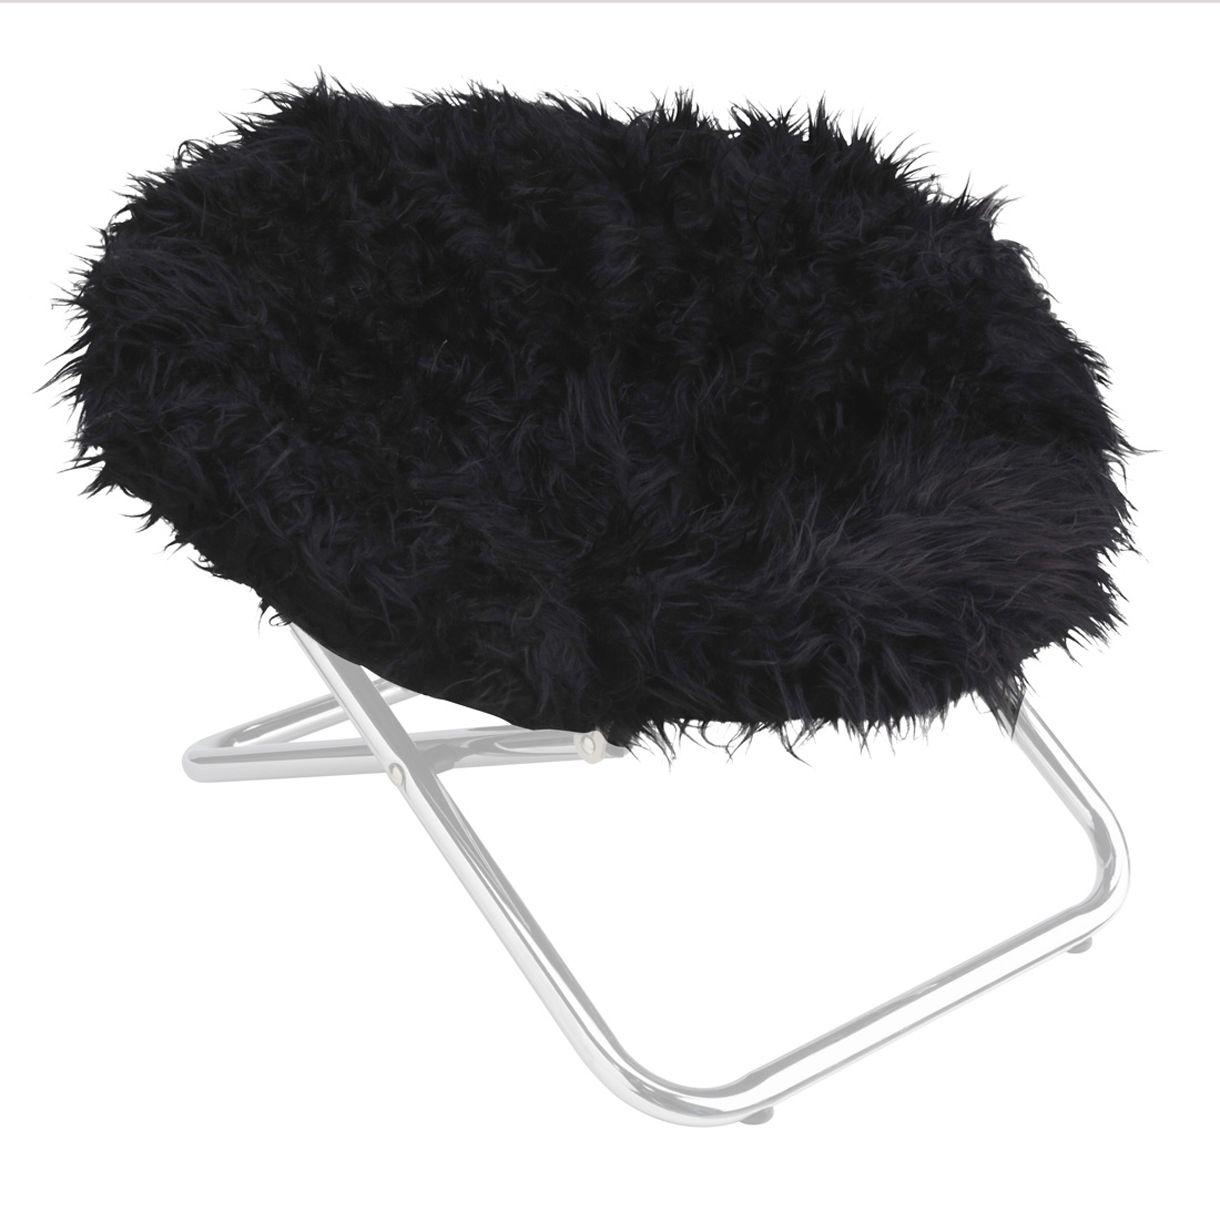 Стул для животных Happy House Black & White, цвет: черный, 55 х 51 х 36 см8310-4Стул для животных Happy House Black & White - прекрасный большой стул для кошки или собаки. Стул имеет металлический каркас и сиденье, выполненное из мягкого искусственного меха. Сиденье легко снимается с каркаса. Его можно стирать при температуре 30°С. Максимальная вместимость стула - 15 кг. На таком стуле вашему любимцу будет мягко и тепло. Он подарит вашему питомцу ощущение уюта и уединенности.